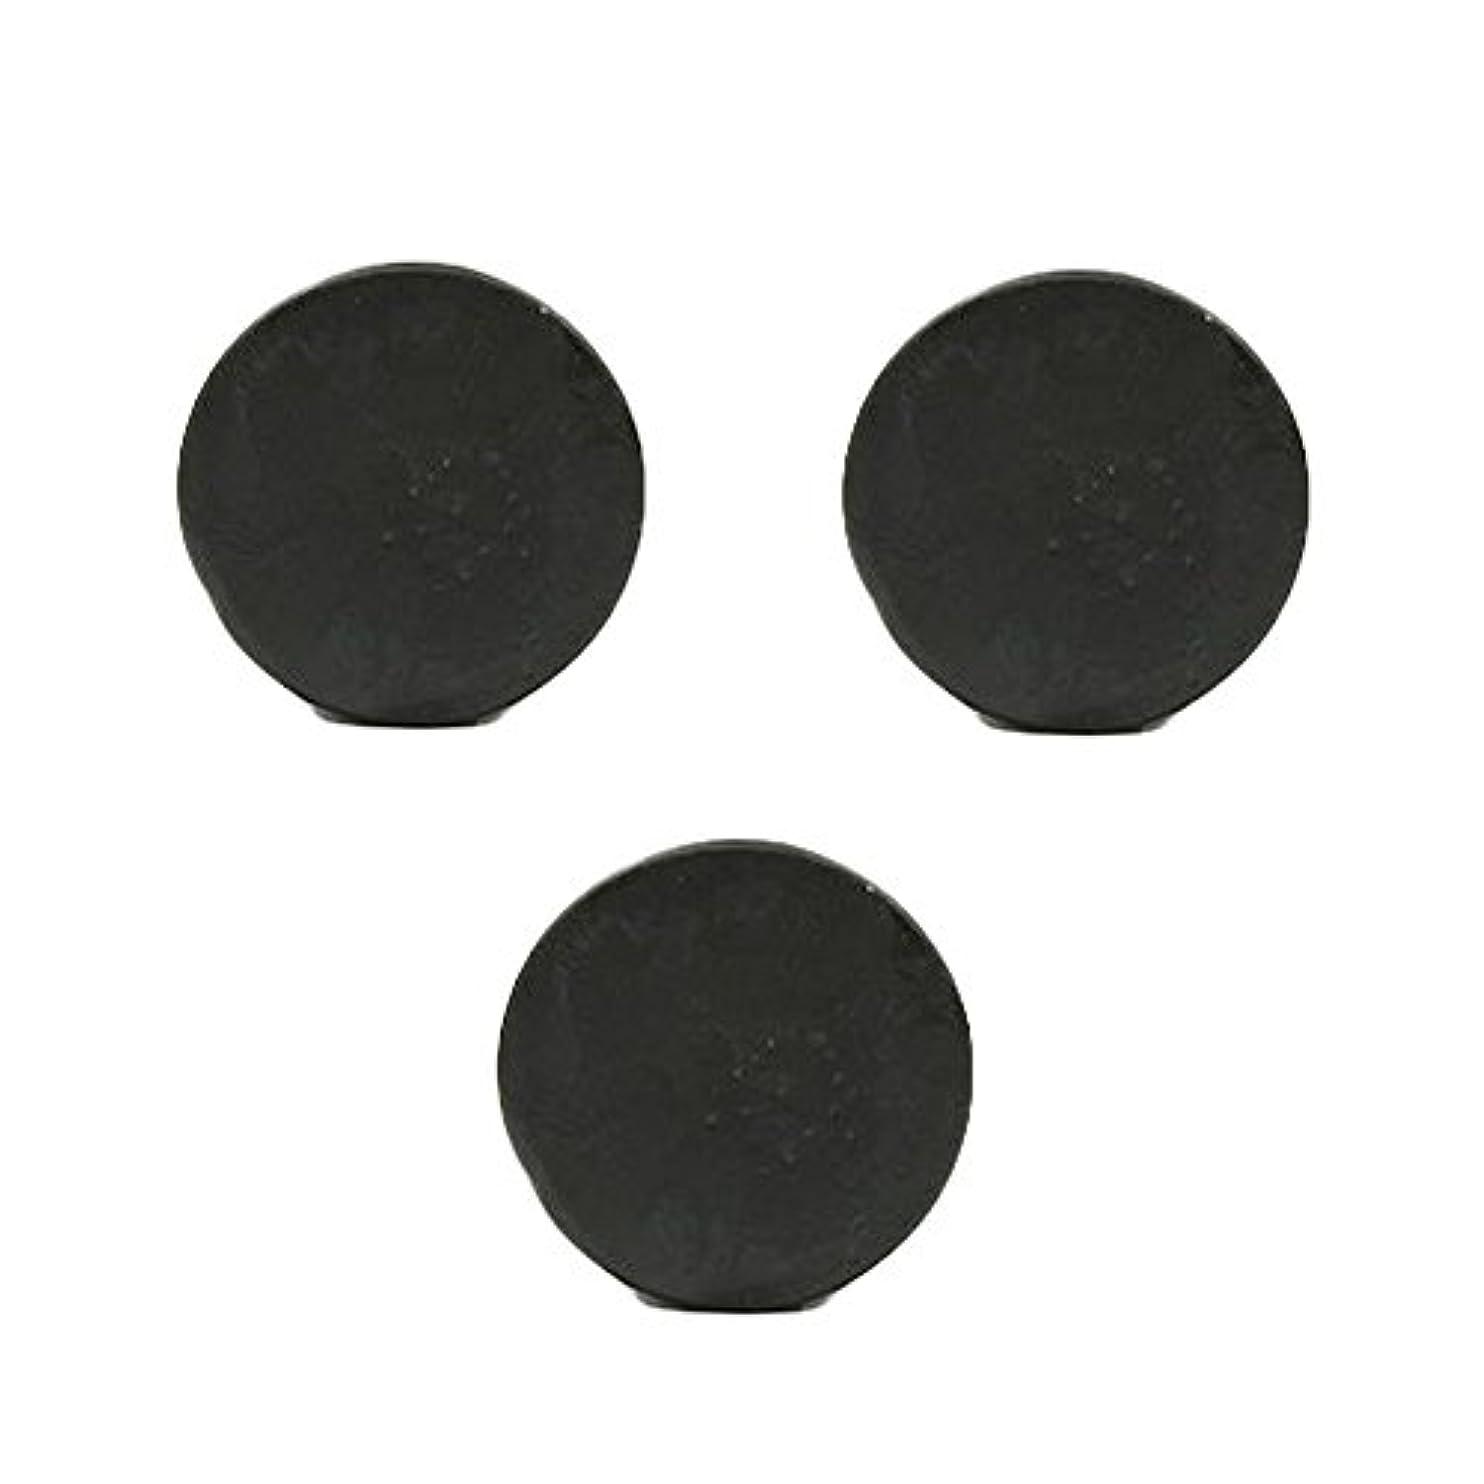 他の日マサッチョ乳白薬用人参クレンジングソープ3個 / Fermented Dark Black Ginseng Cleansing Soap 3pcs[海外直送品] [並行輸入品]